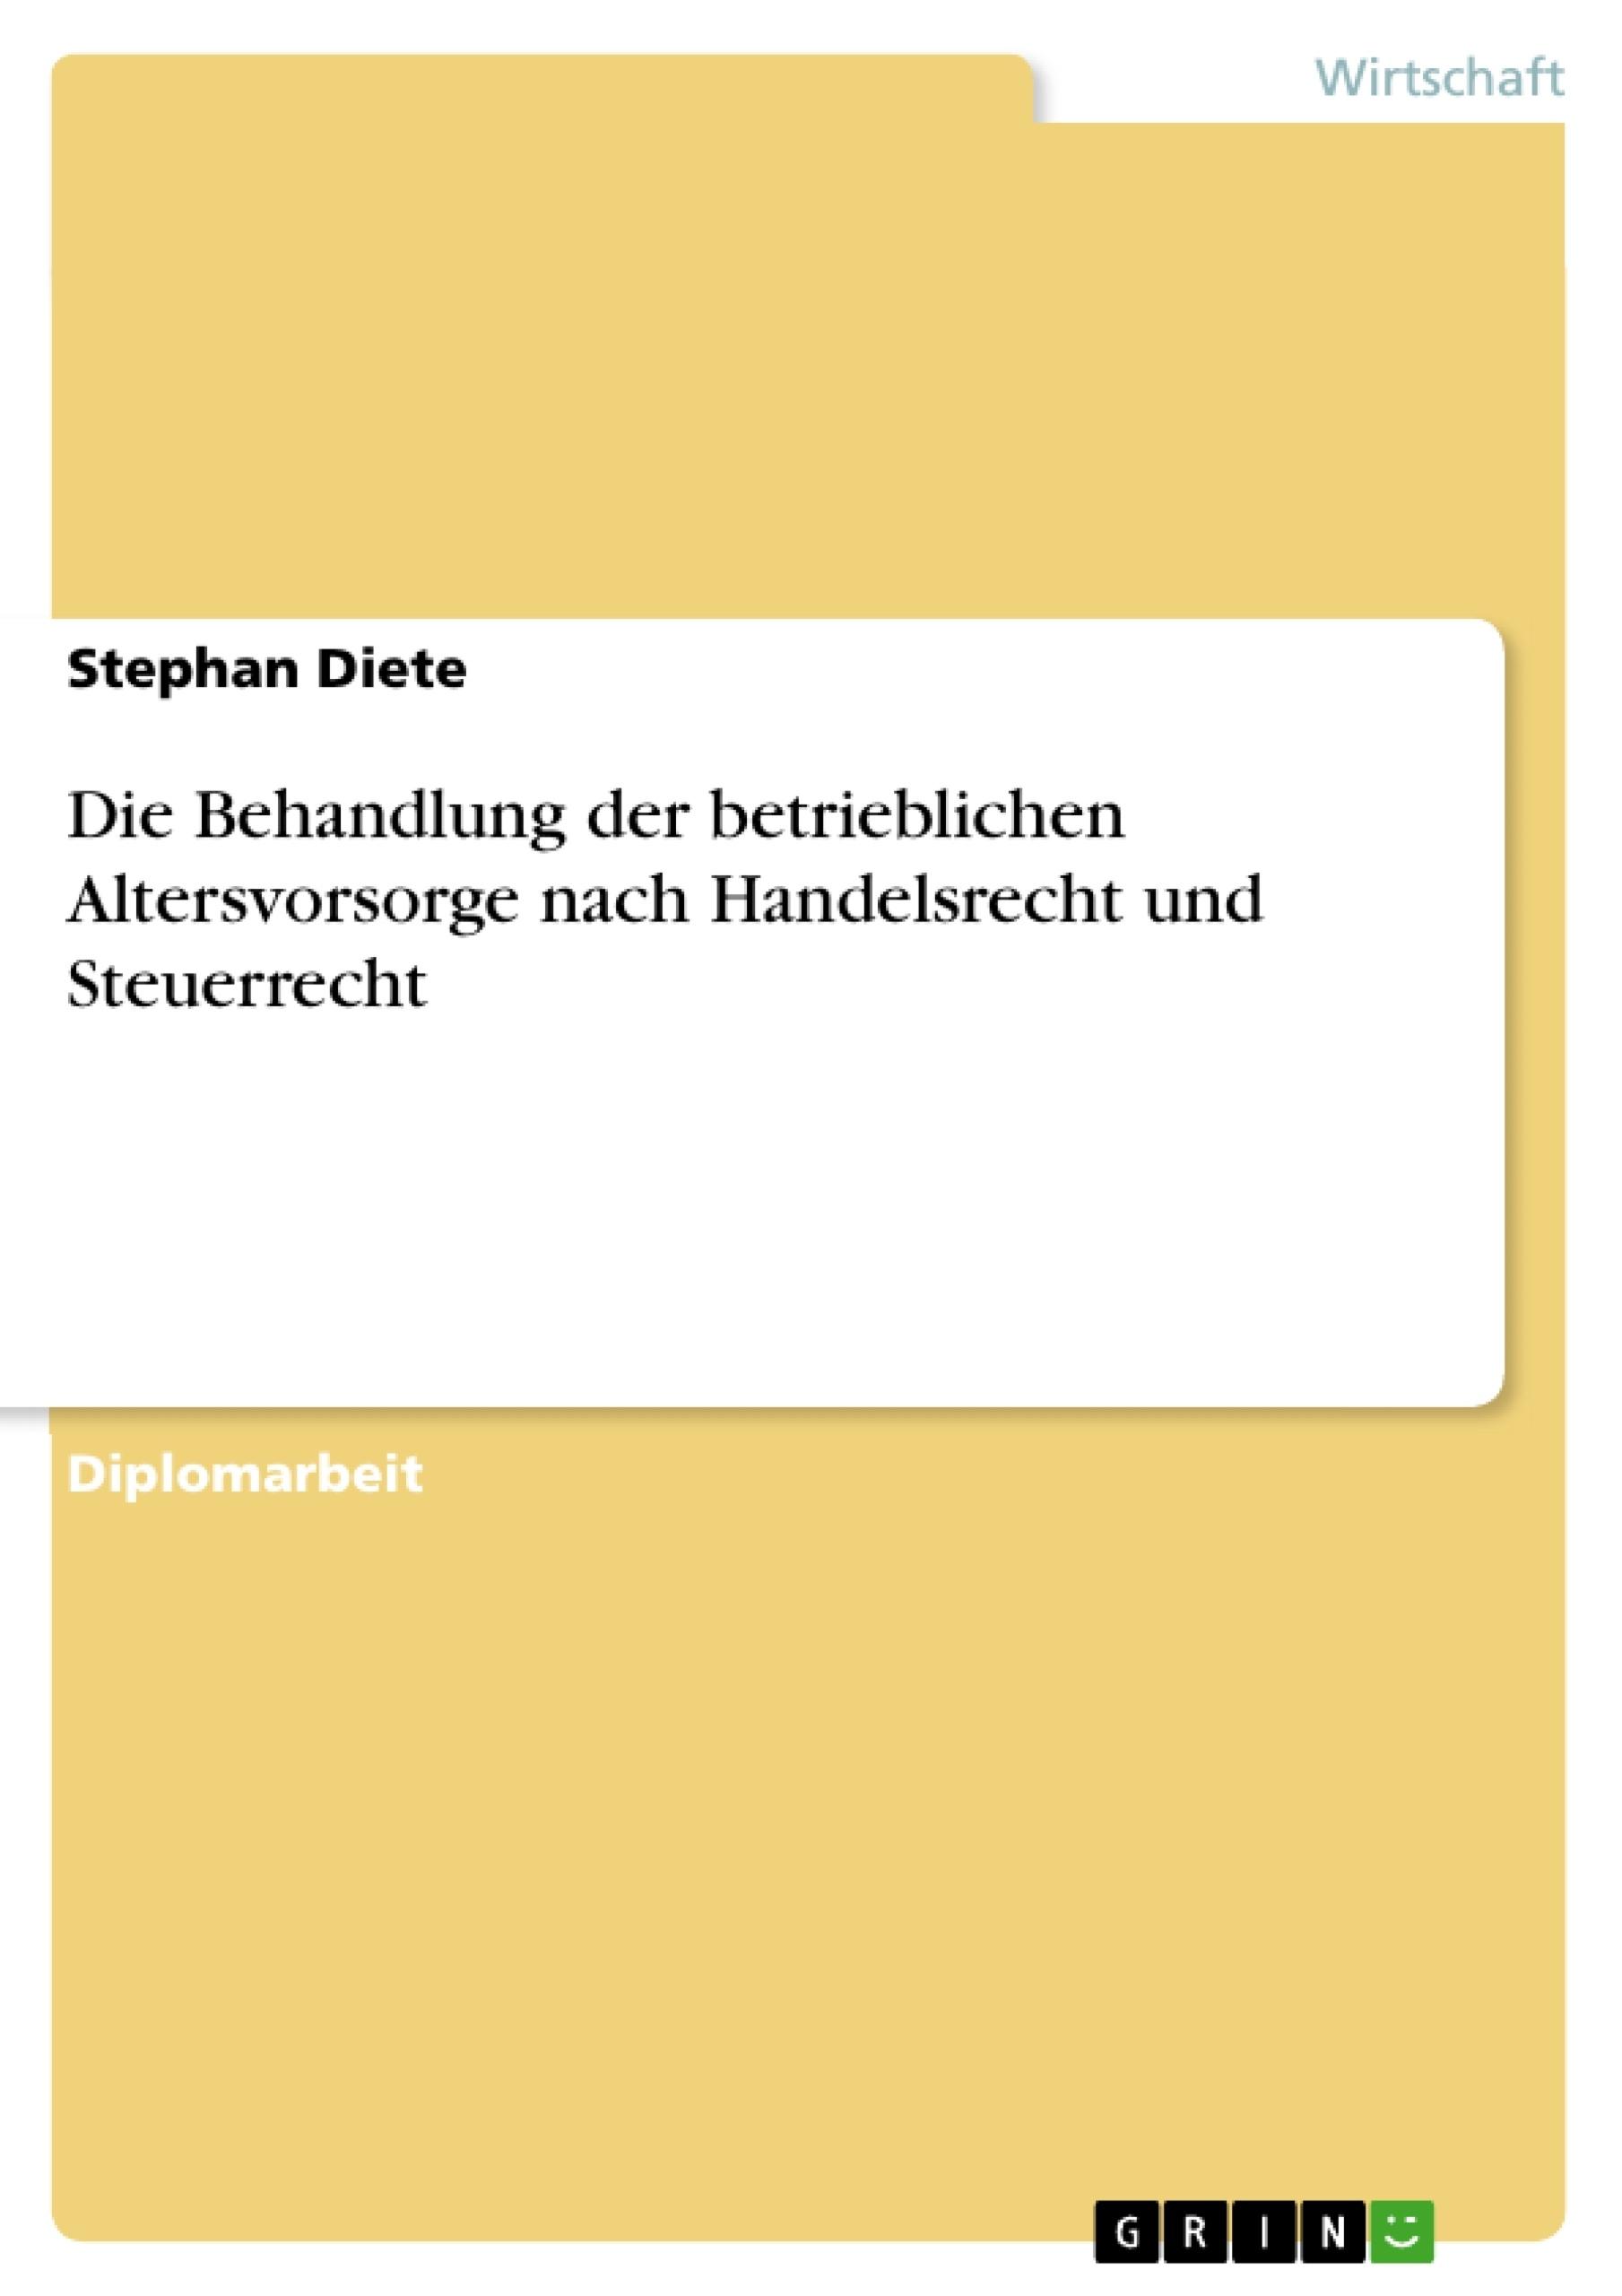 Titel: Die Behandlung der betrieblichen Altersvorsorge nach Handelsrecht und Steuerrecht